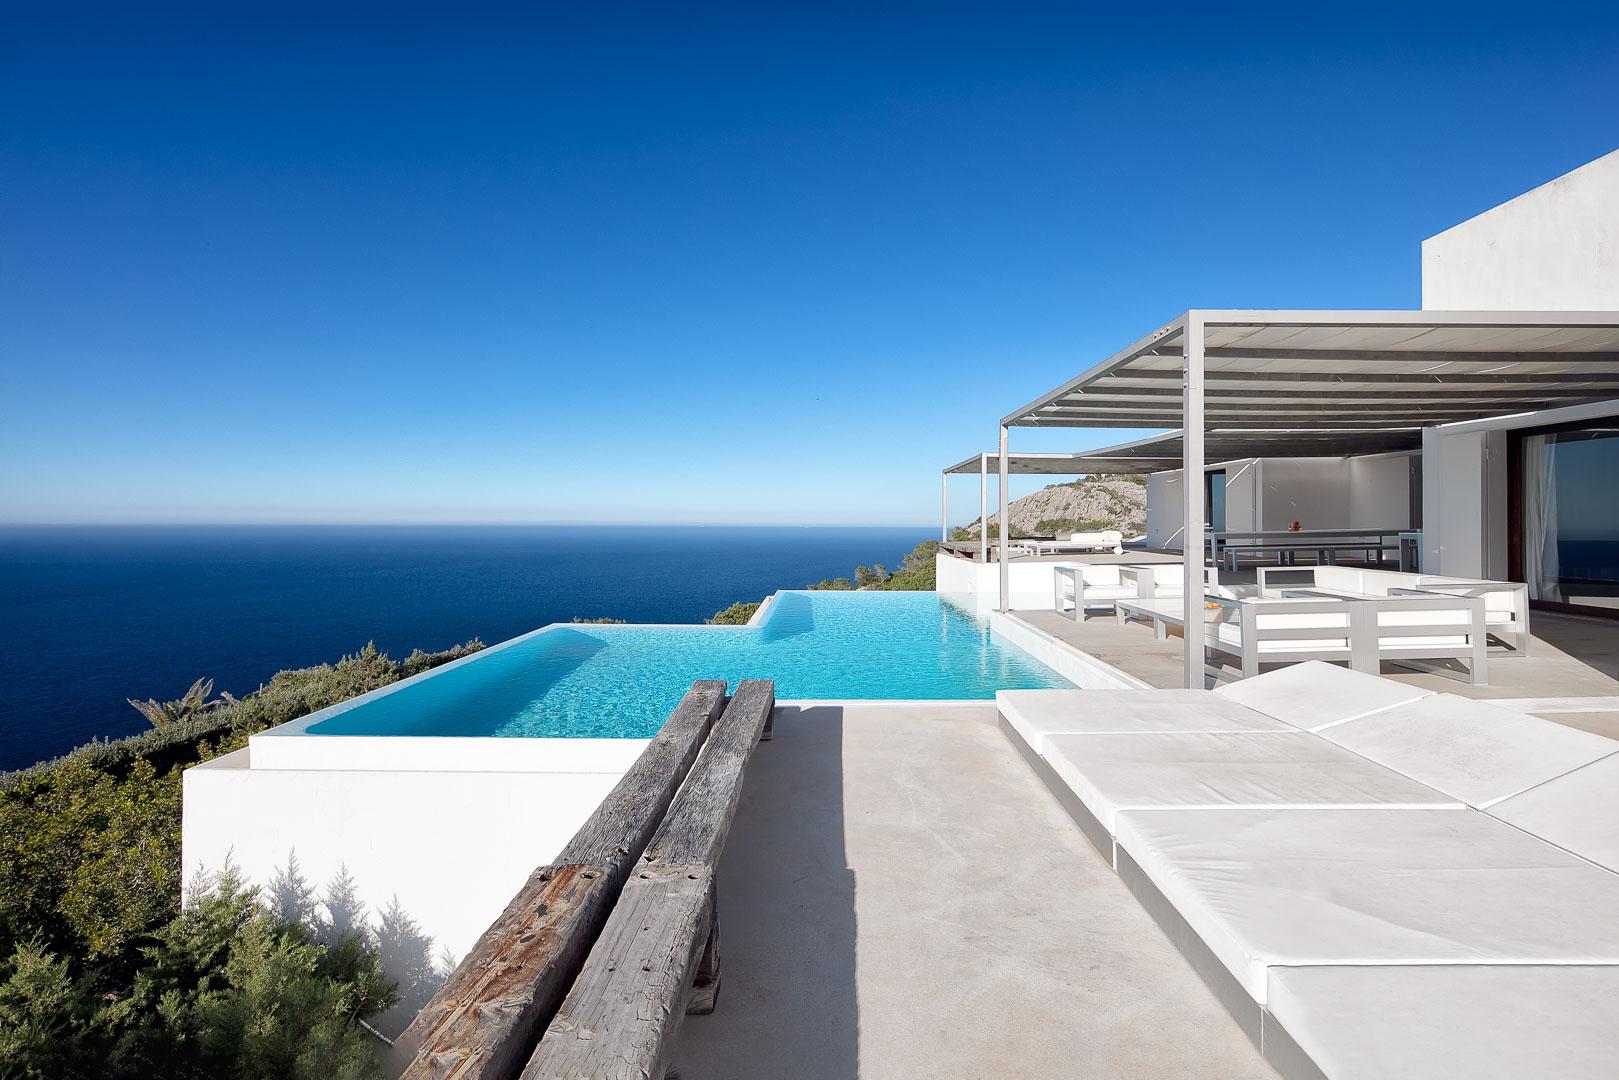 Imagen profesional exterior real estate villa privada de la piscina en el norte de Ibiza